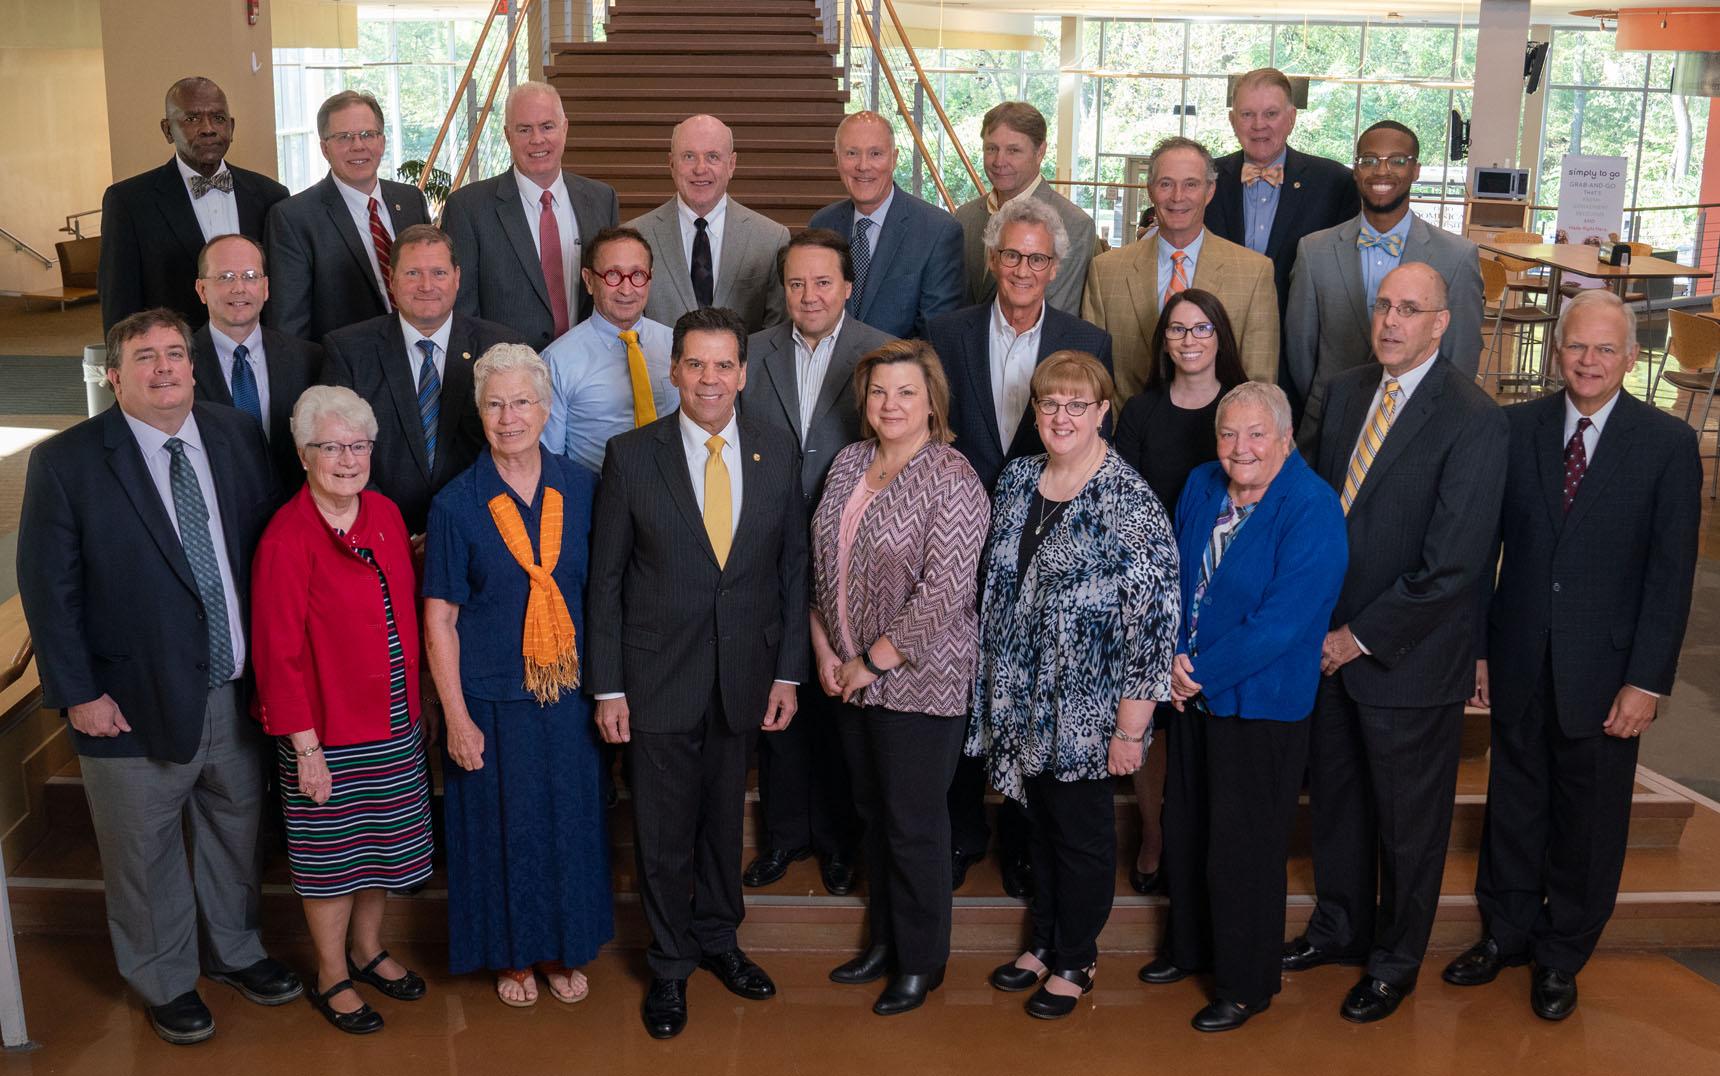 2019-2020 ODU Board of Trustees